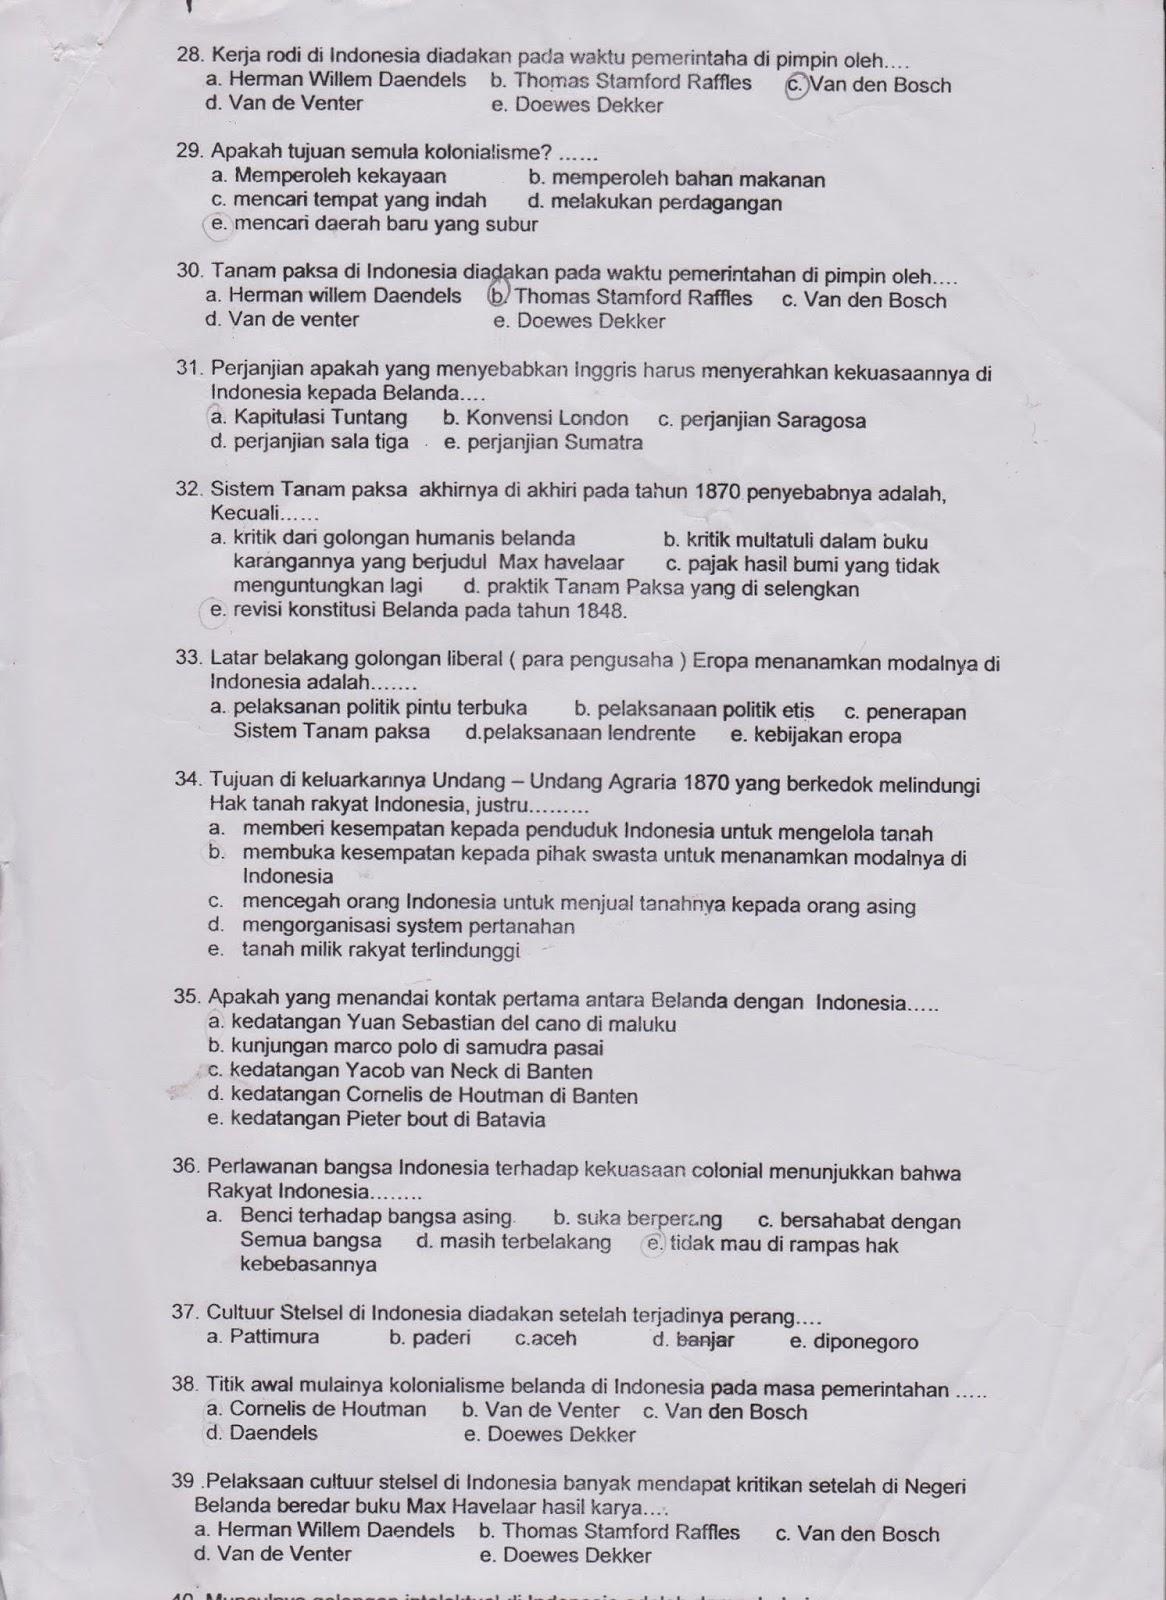 80 Contoh Soal Ujian Ips Kelas 6 Semester 1 Ips